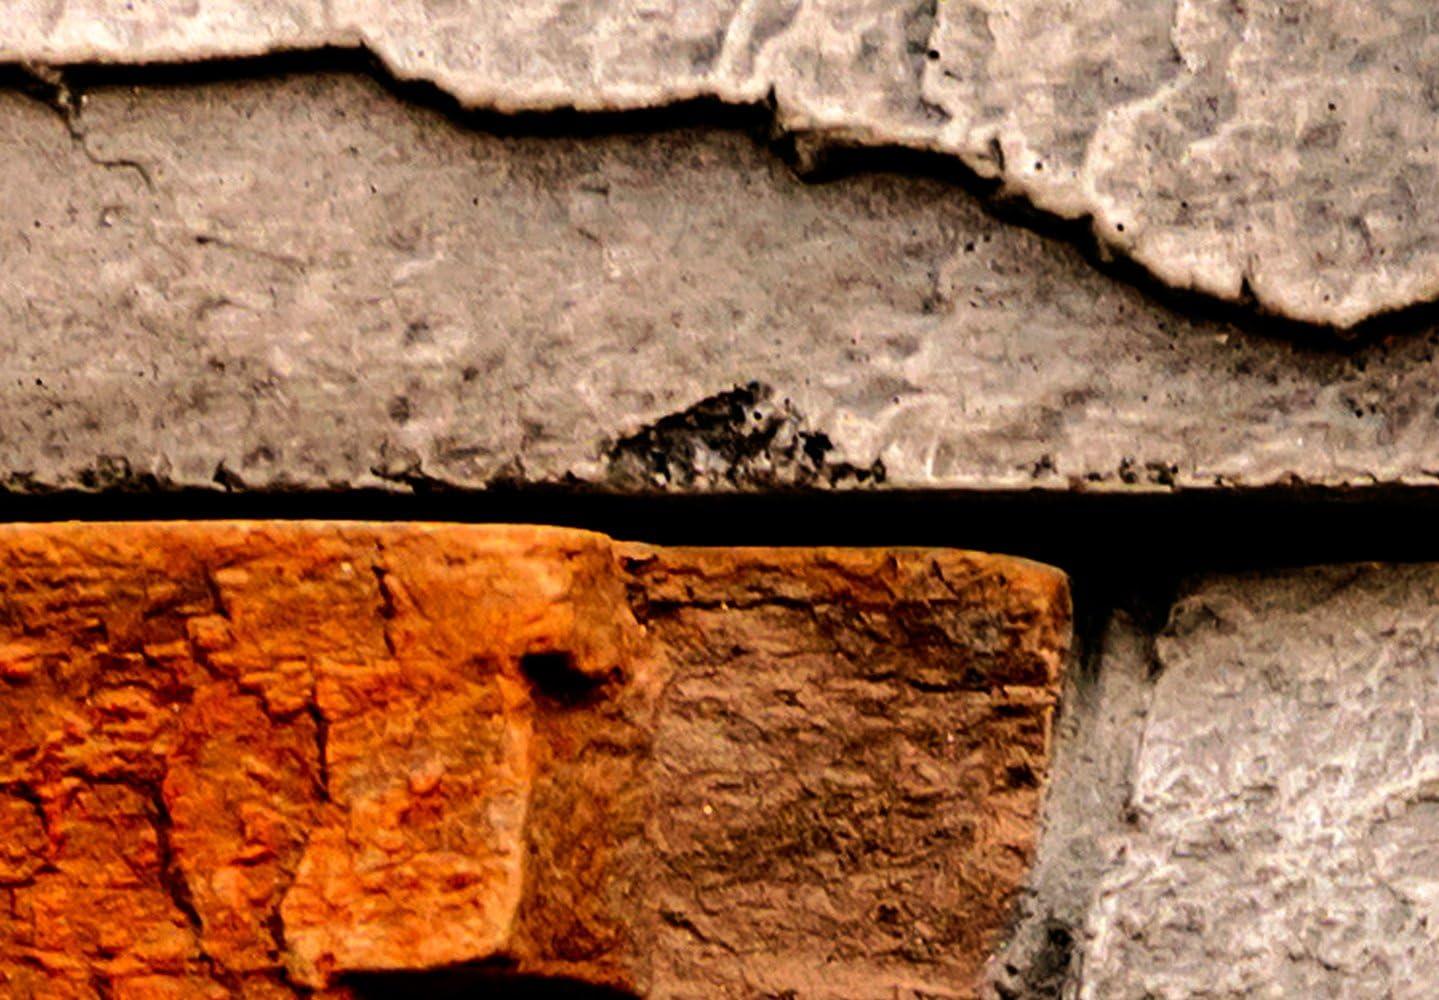 Fototapete Steinoptik 400x280 cm Vlies Tapete Moderne Wanddeko Wandtapete Wand Dekoration Steintapete Steine Stein Mauer Steinoptik 3D f-B-0013-a-a murando Design Tapete